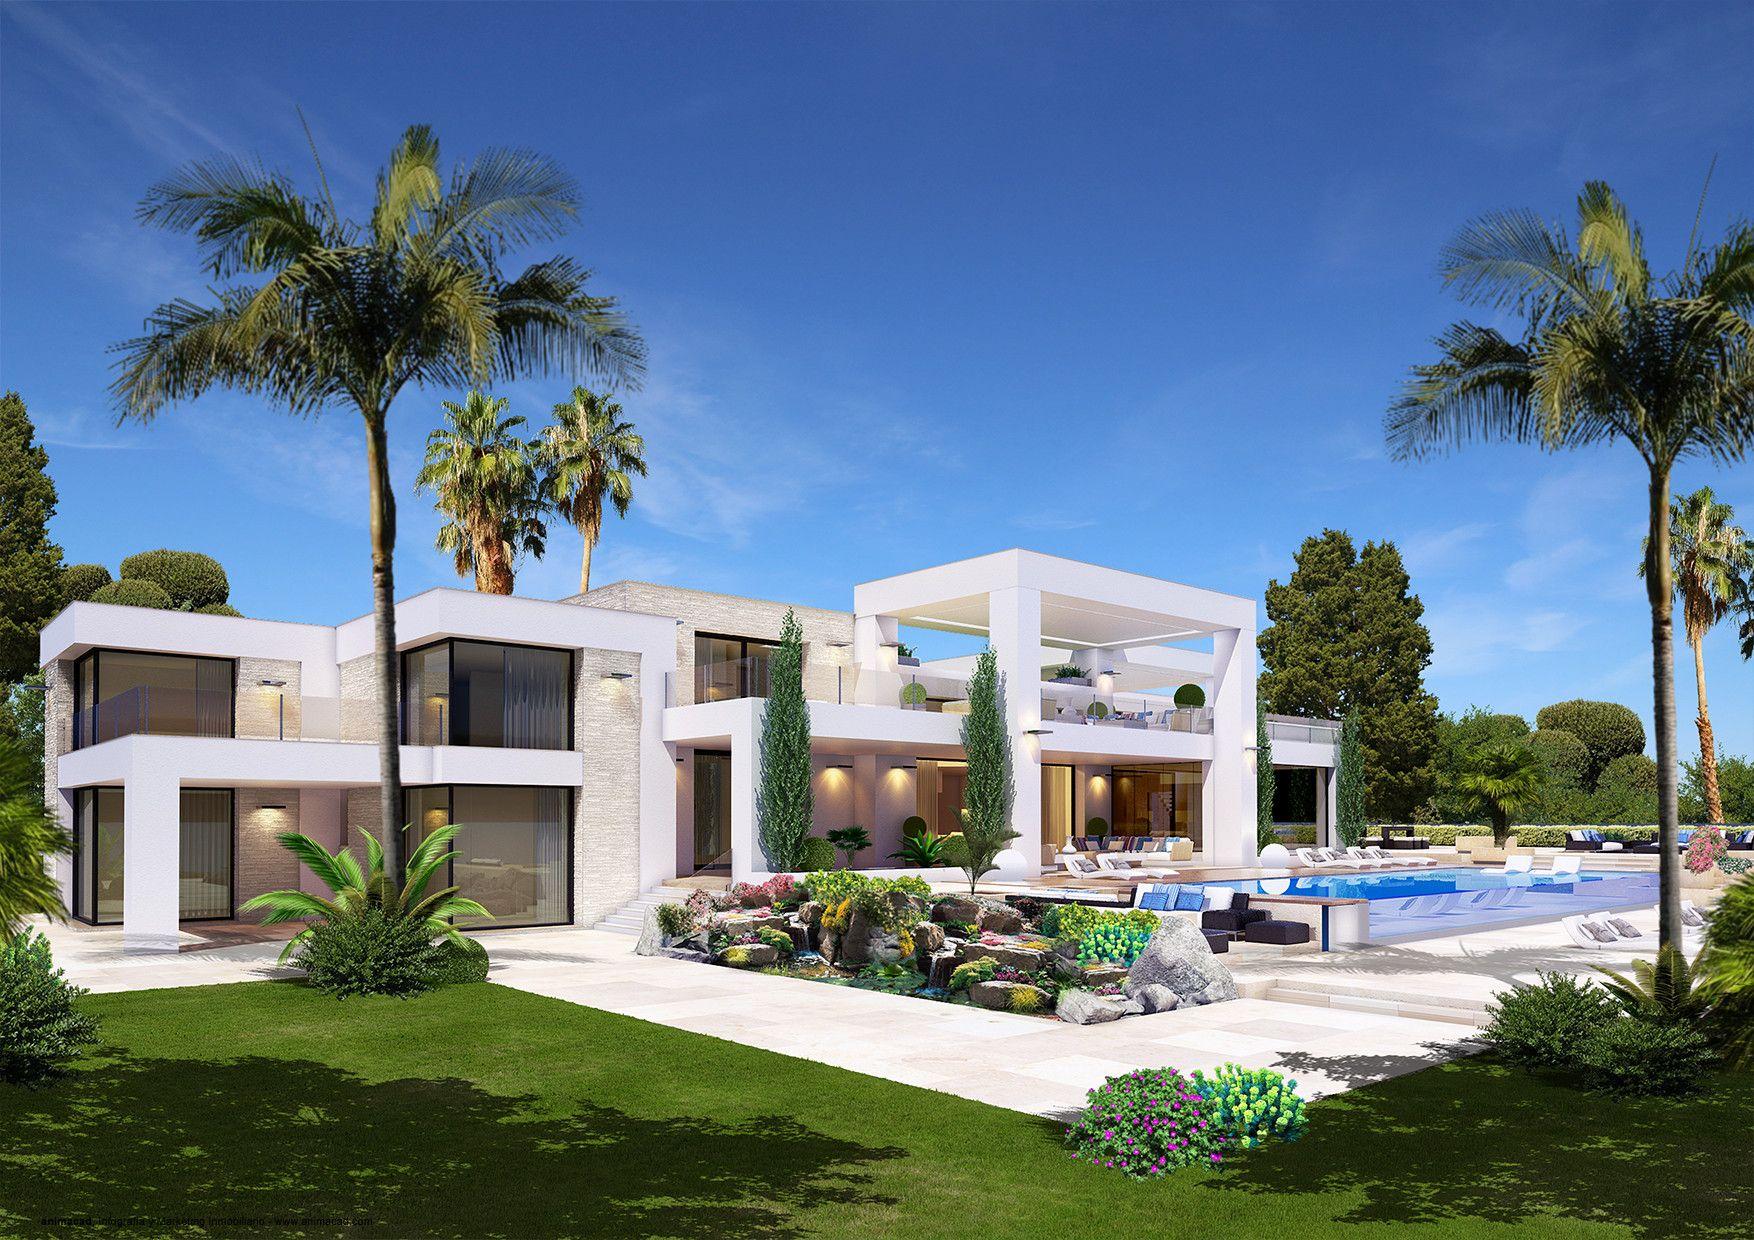 animacad Exterior 3D Marbella La Perla Blanca Vista 6   animacad ...